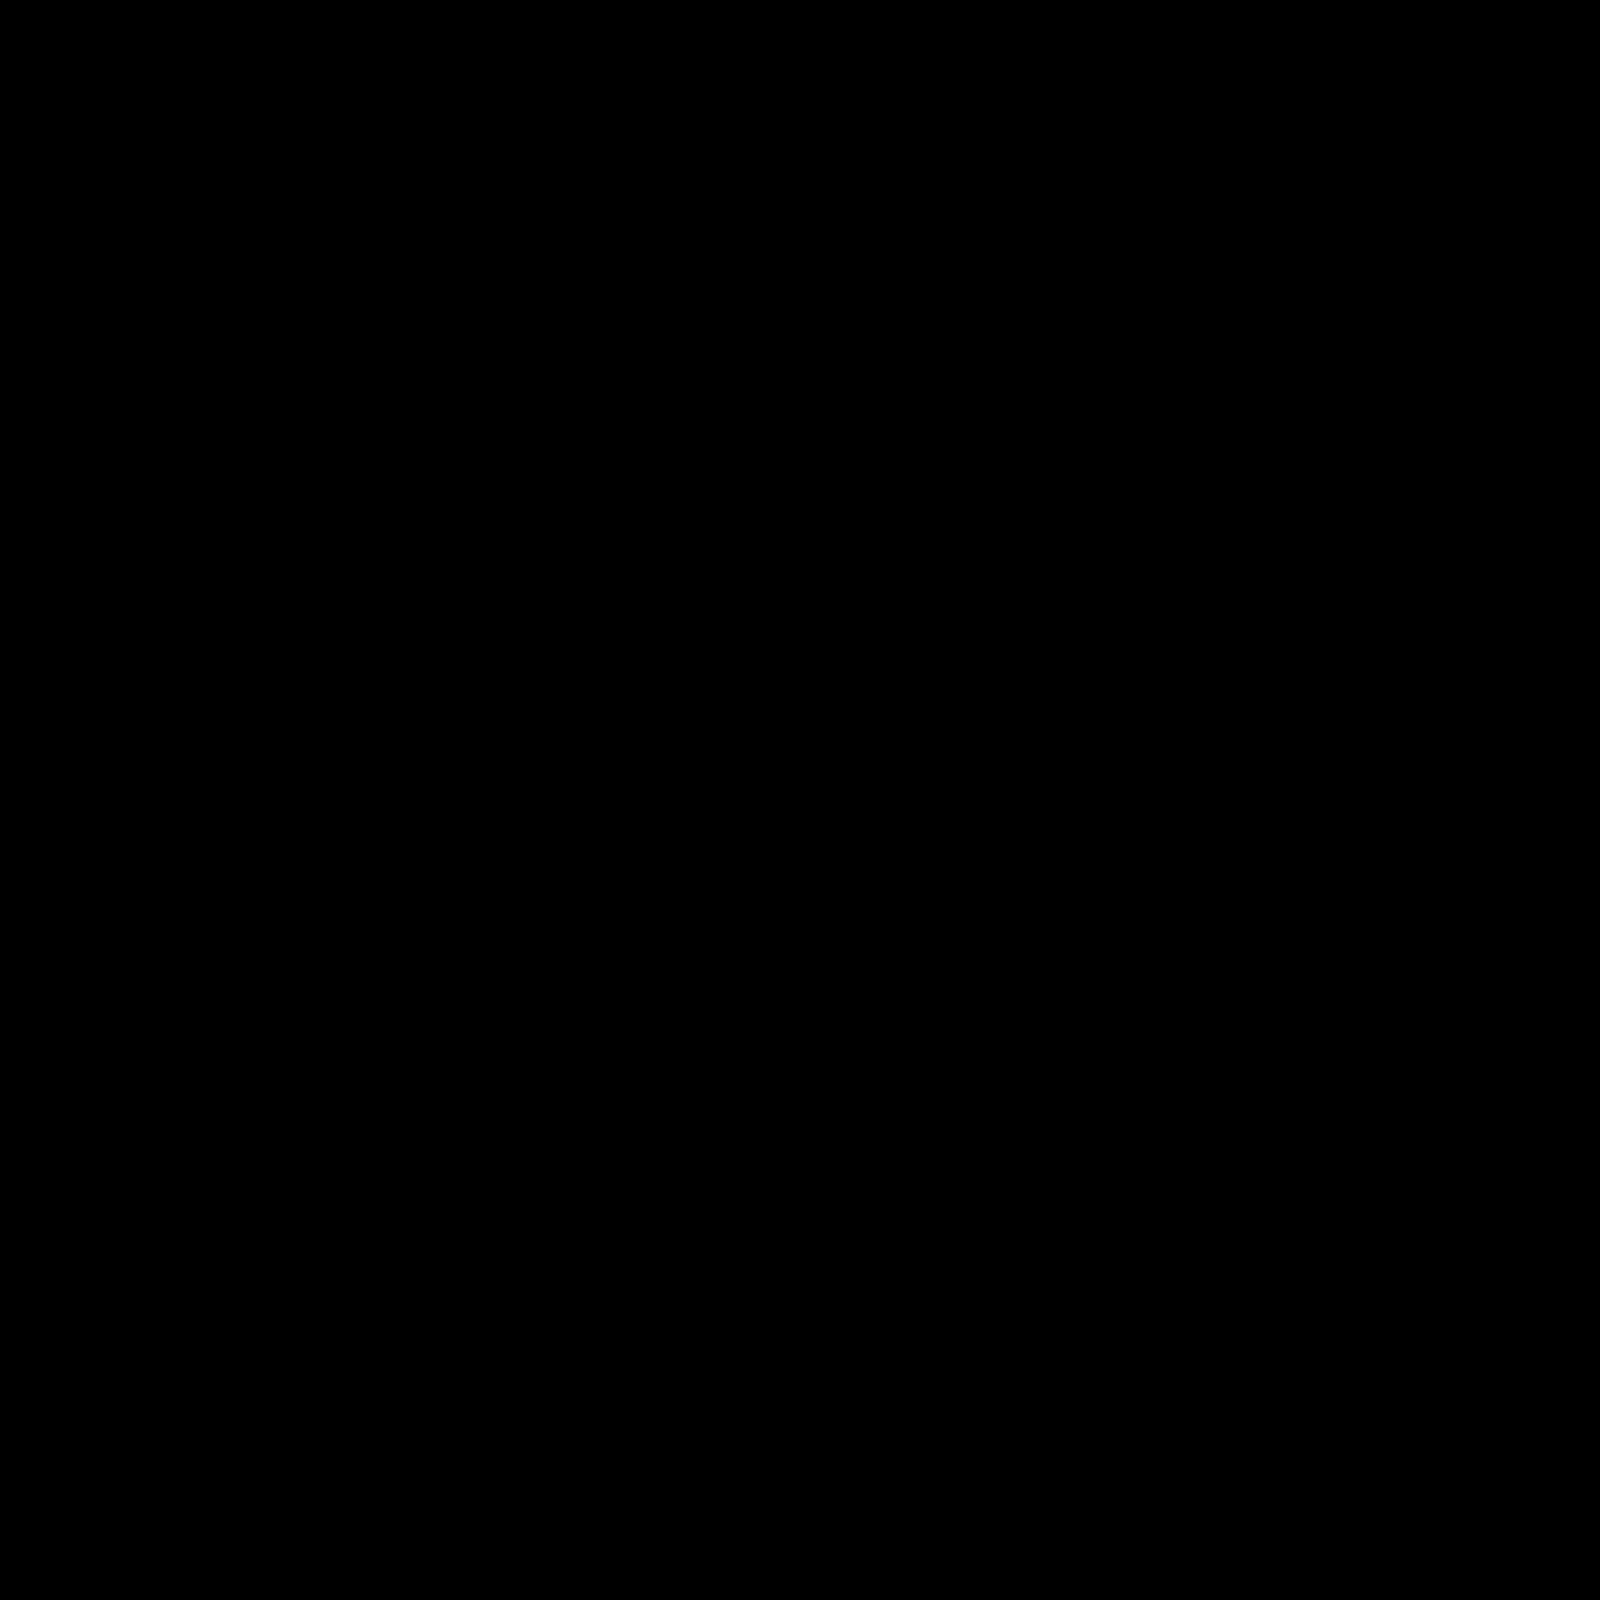 ドアハンガー アイコン 無料ダウンロード png およびベクター